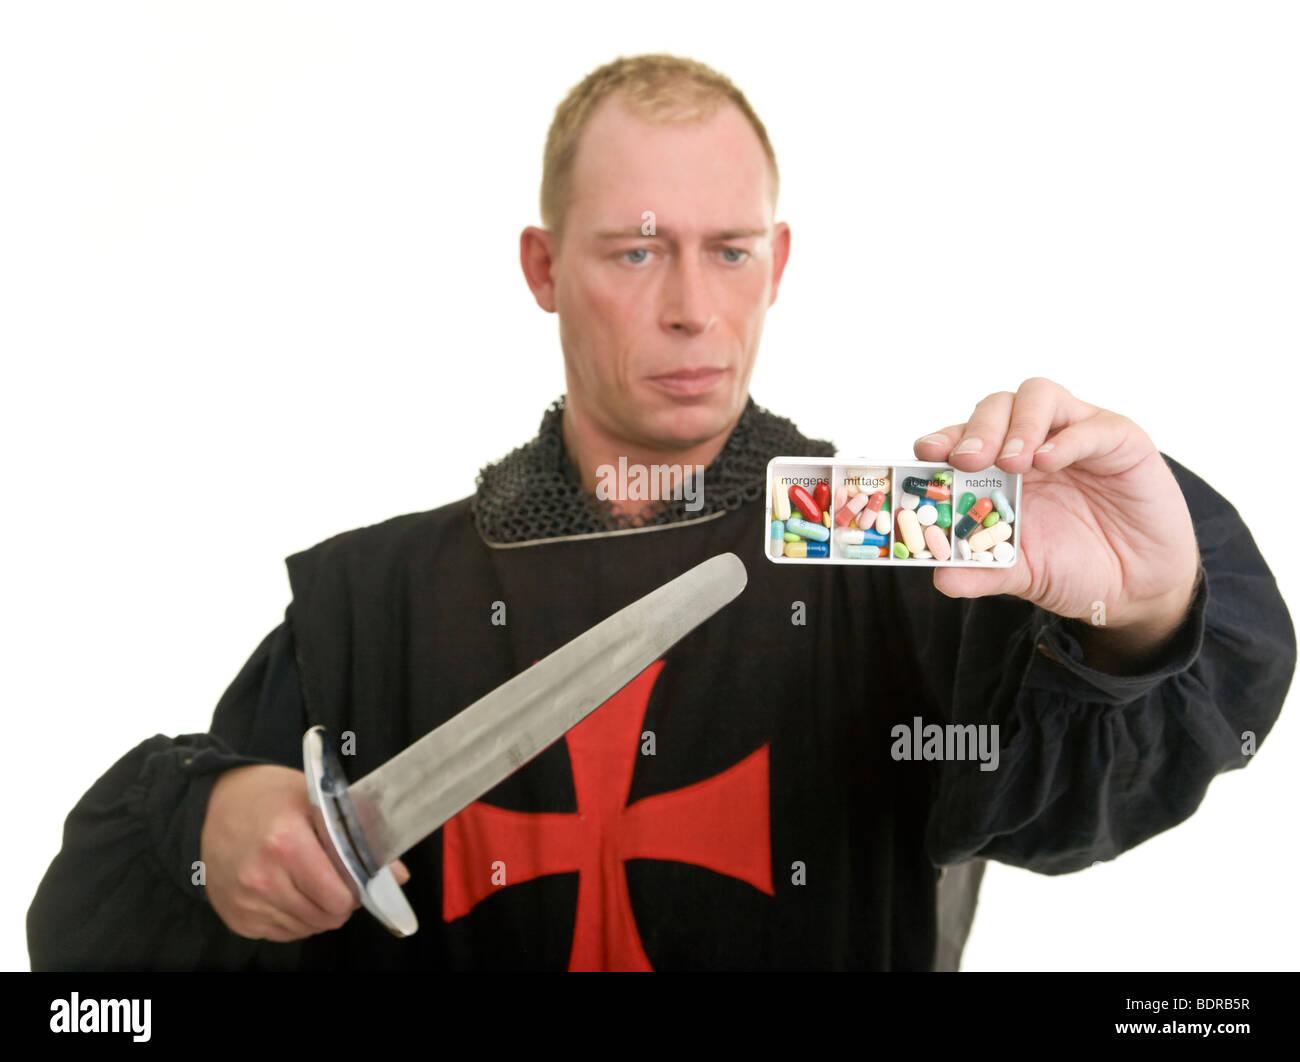 knight with knife and drugs, Darsteller eines Tempelritters richtet seinen Dolch auf eine Pillendose Stock Photo